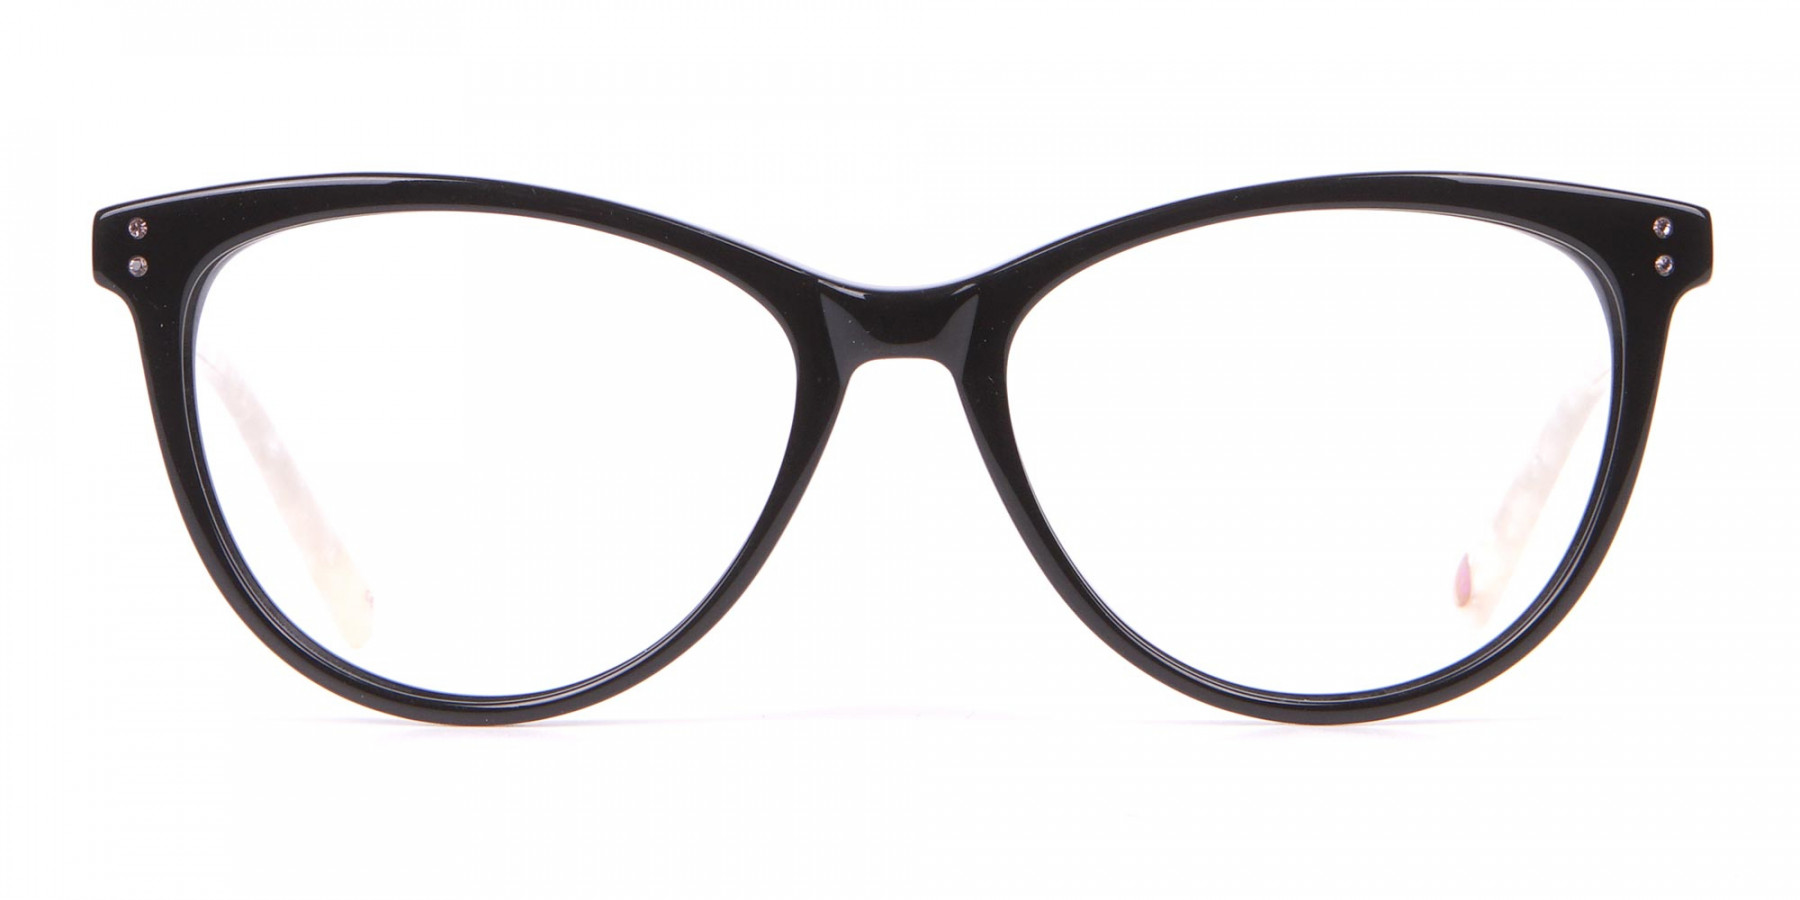 TED BAKER TB9146 Gigi Cat-Eye Glass Black & White Marble-1